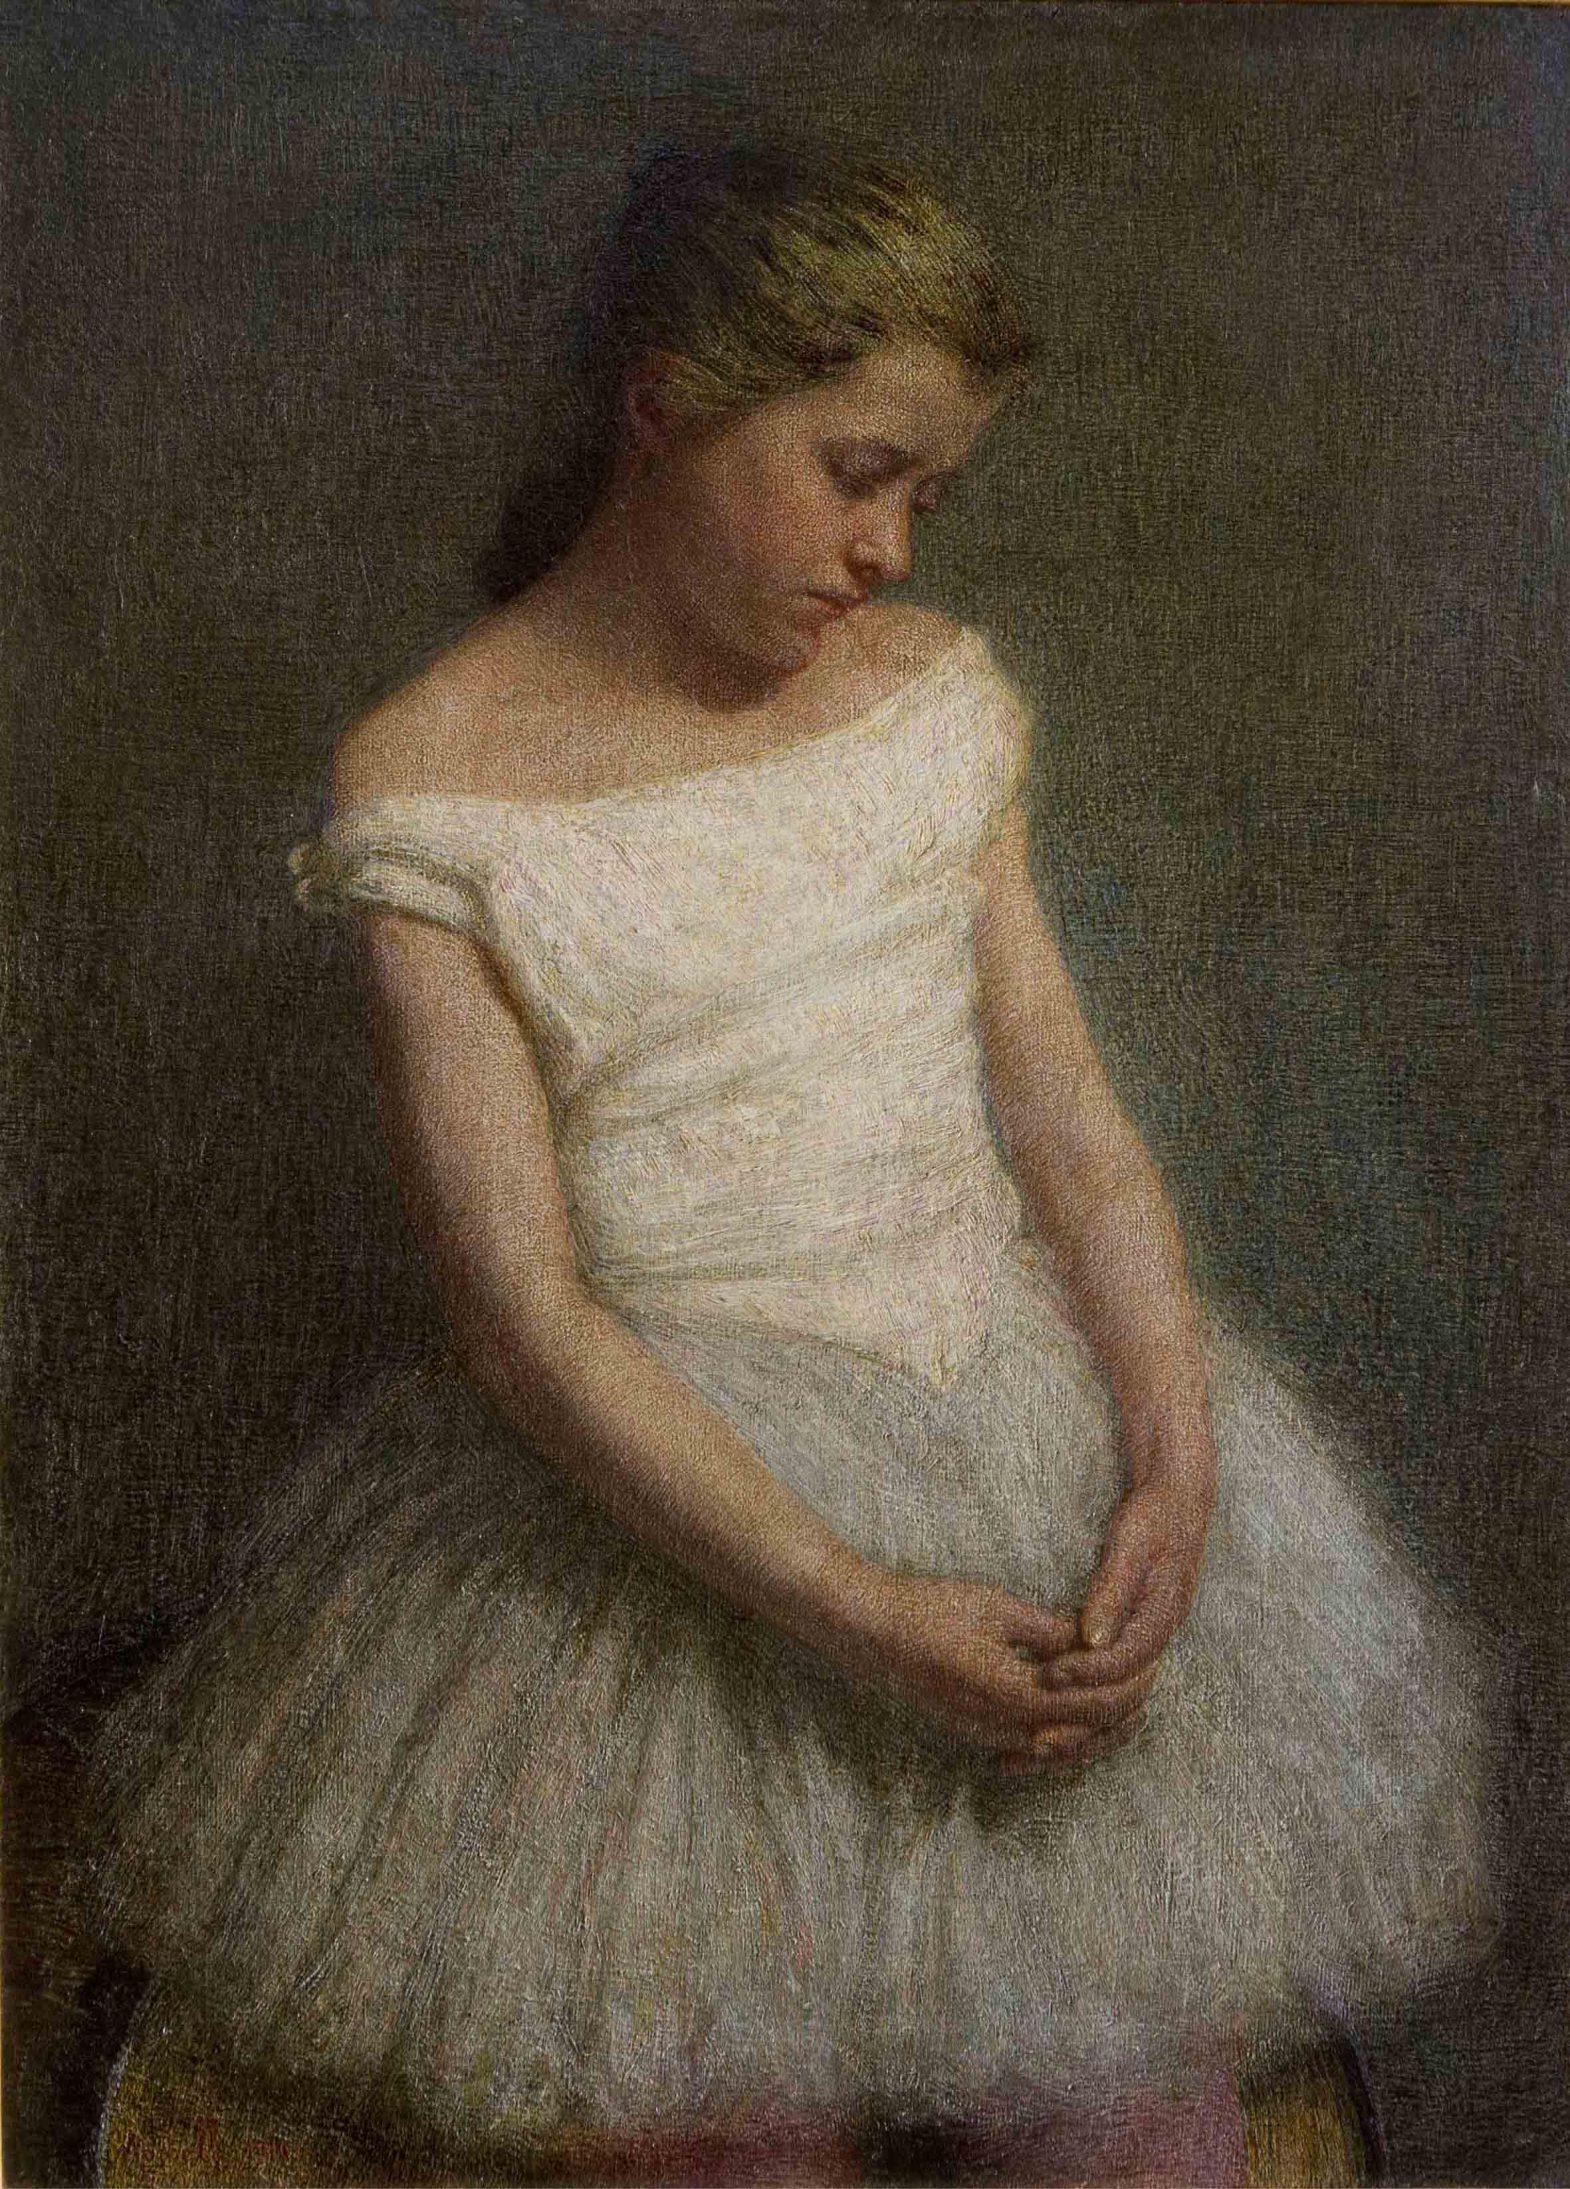 Angelo Morbelli, Ballerina a riposo, 1909